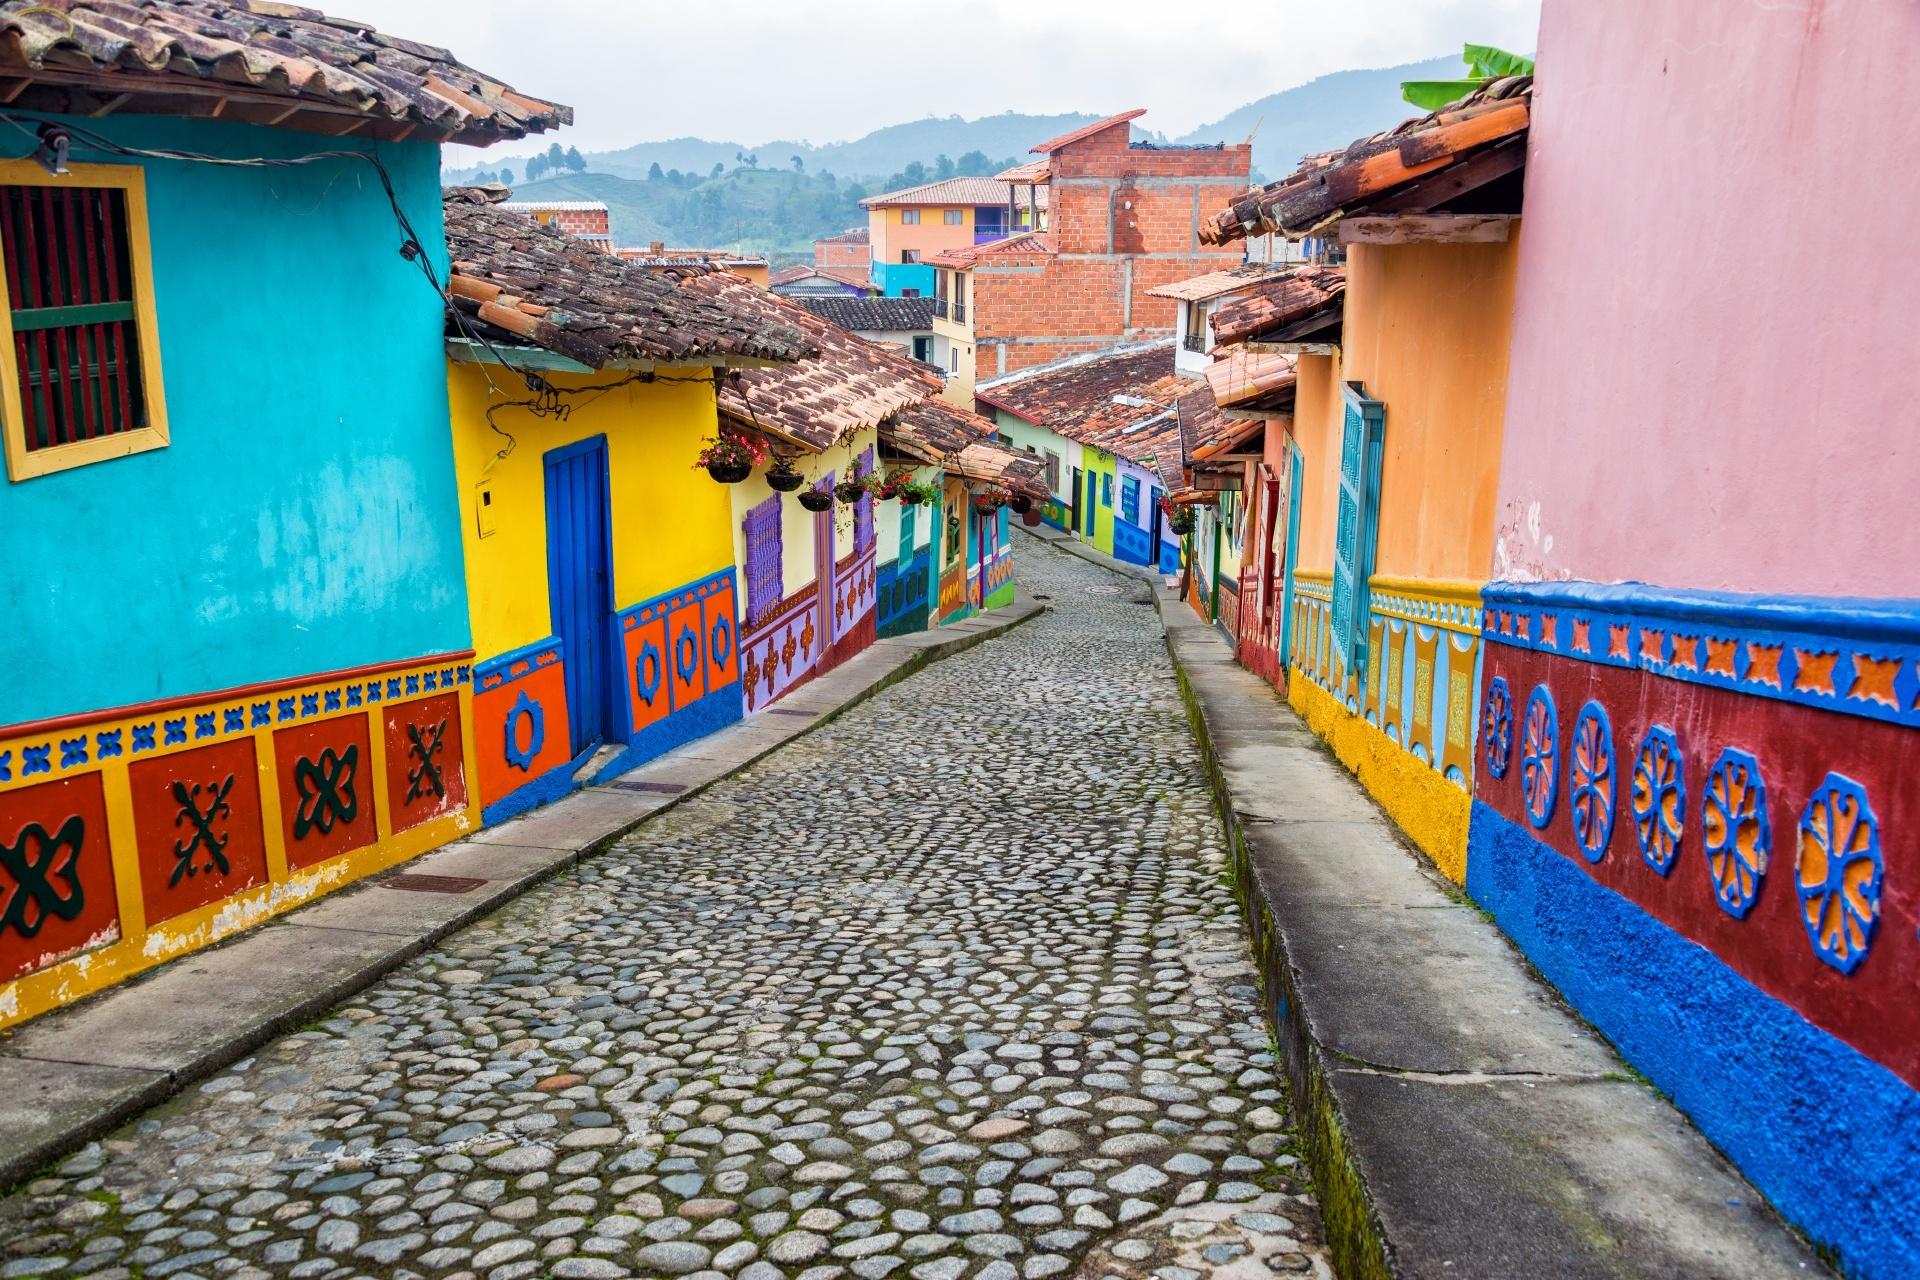 グアタペの町並み カラフルな家々 コロンビアの風景